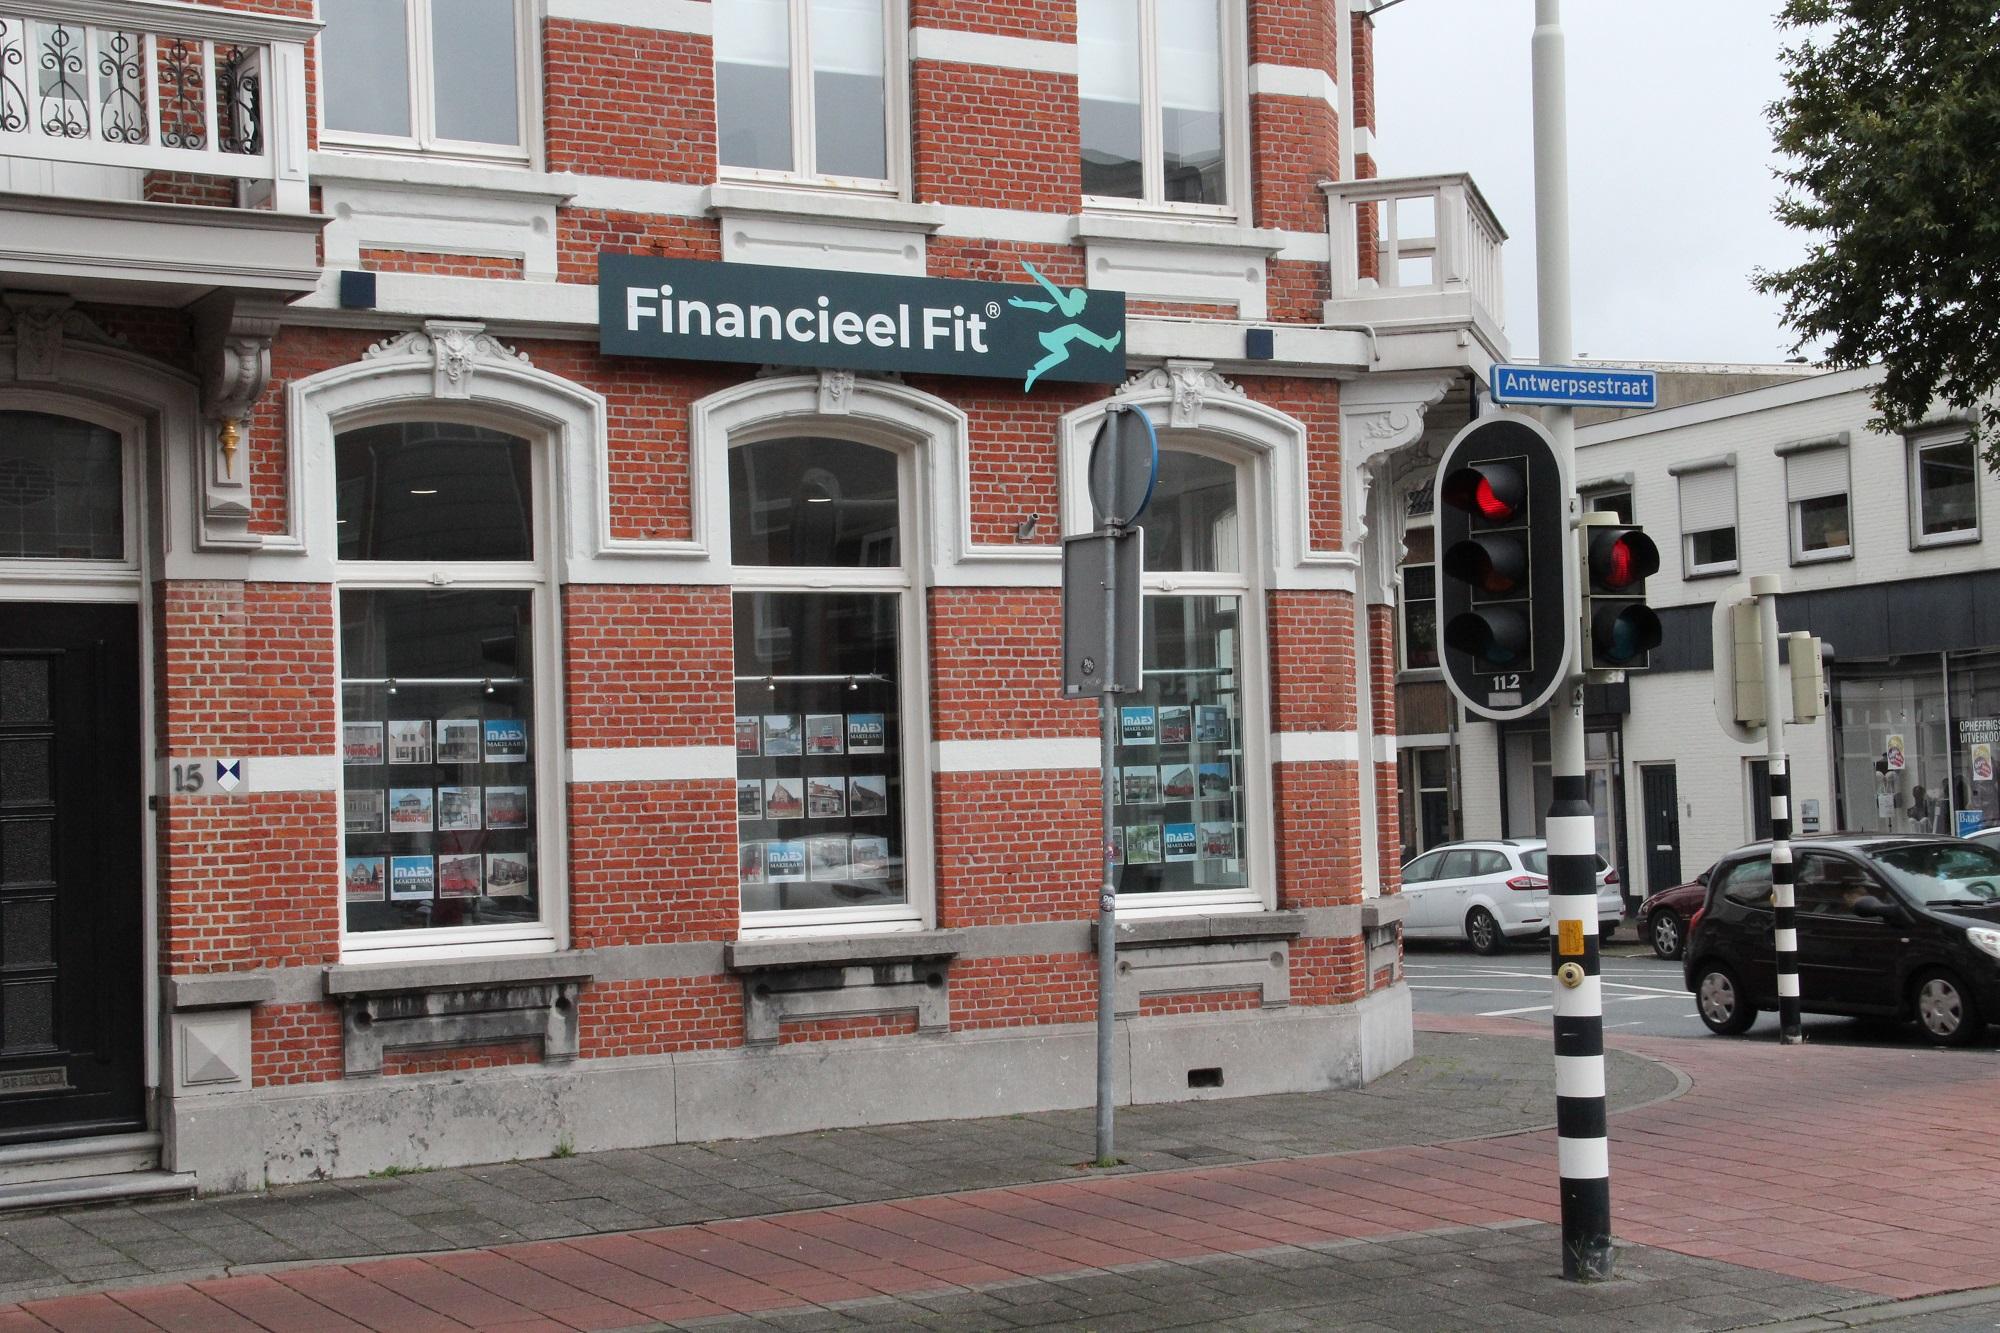 Financieel Fit Beste Hypotheekketen Financieel Fit (voorheen De Hypotheekadviseur)